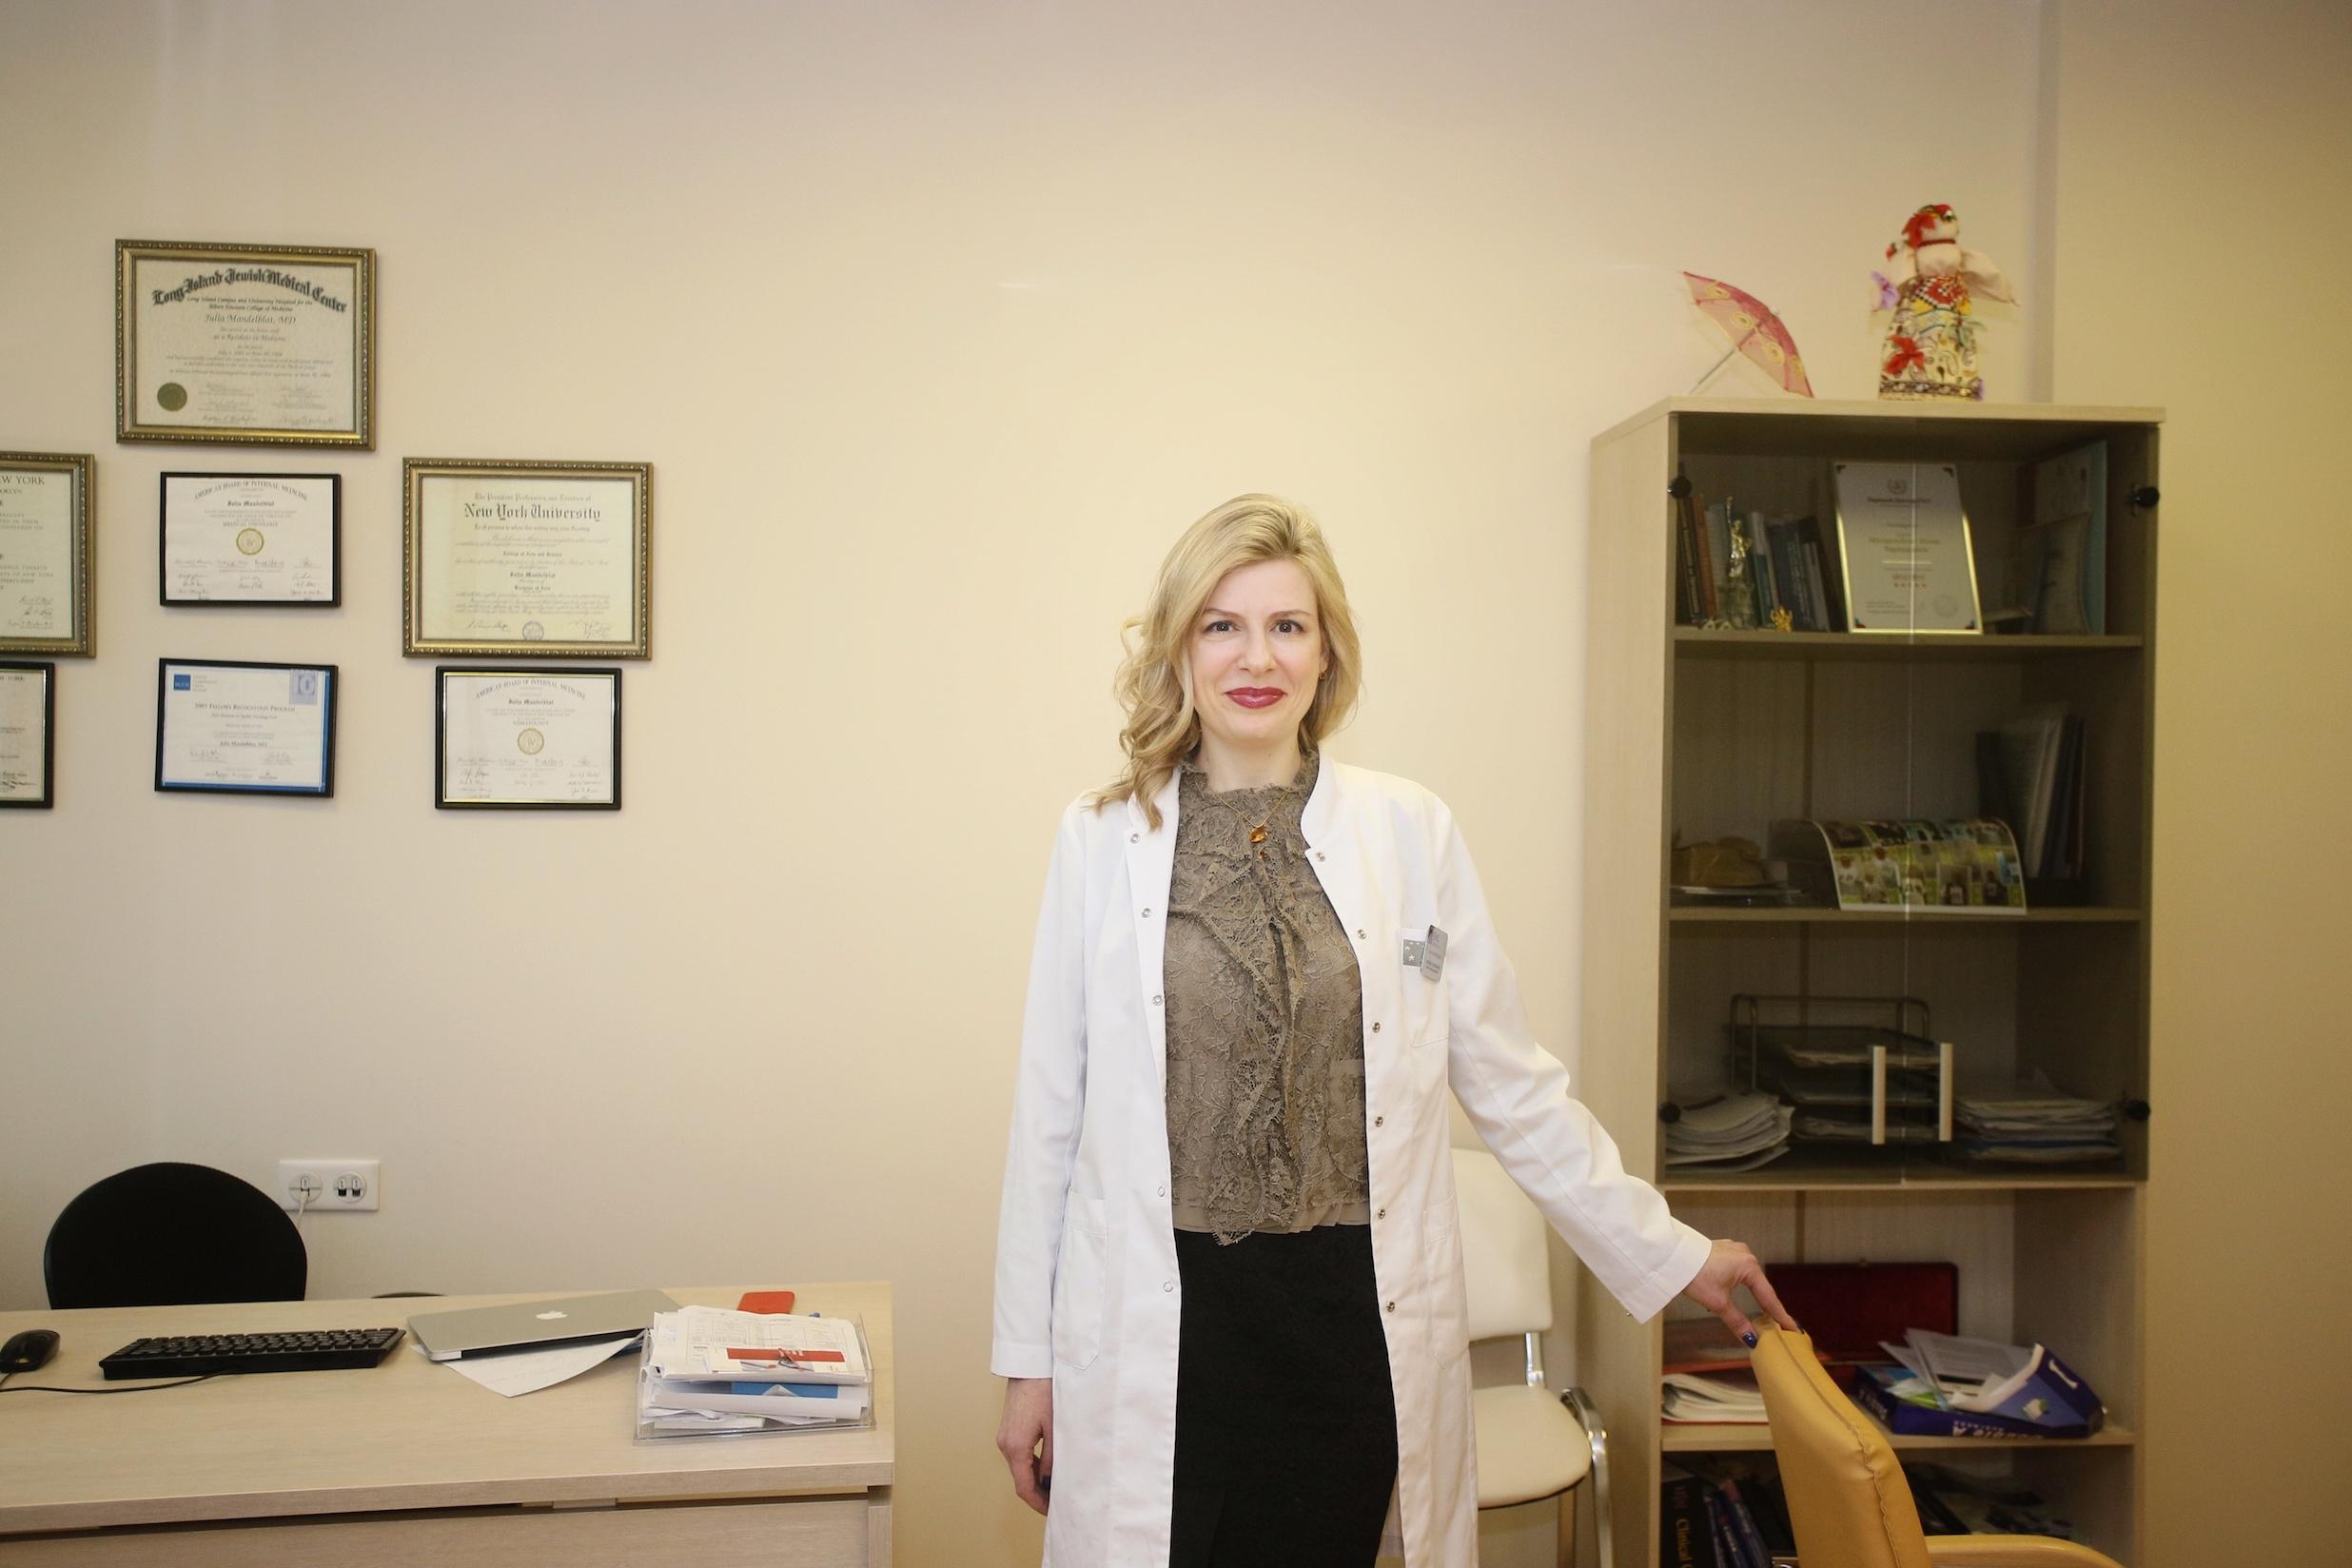 Юлия Мандельблат, Руководитель Института онкологии Европейского медицинского центра (EMC)